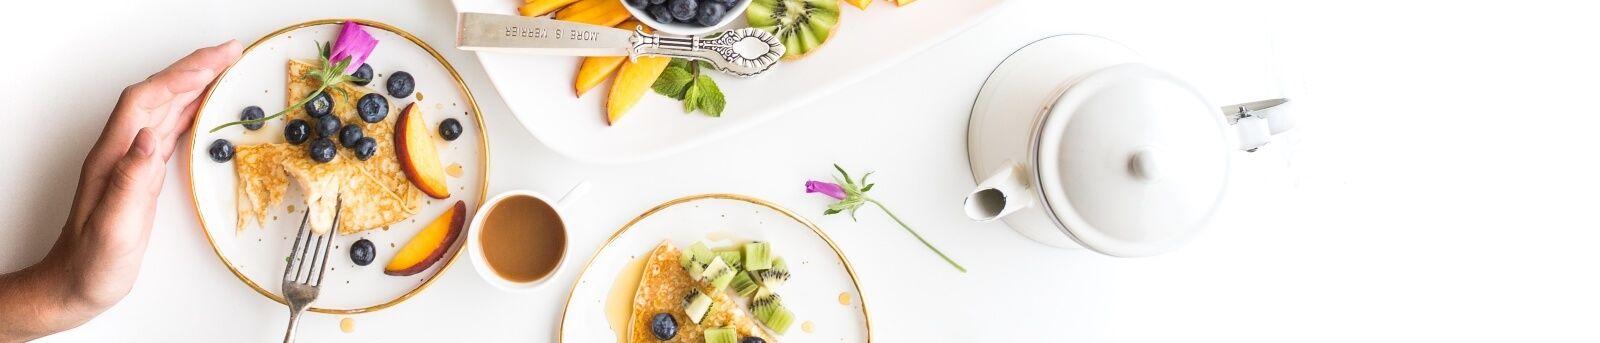 Frühstück mit Bio-Früchten, Kiwi, Orangen